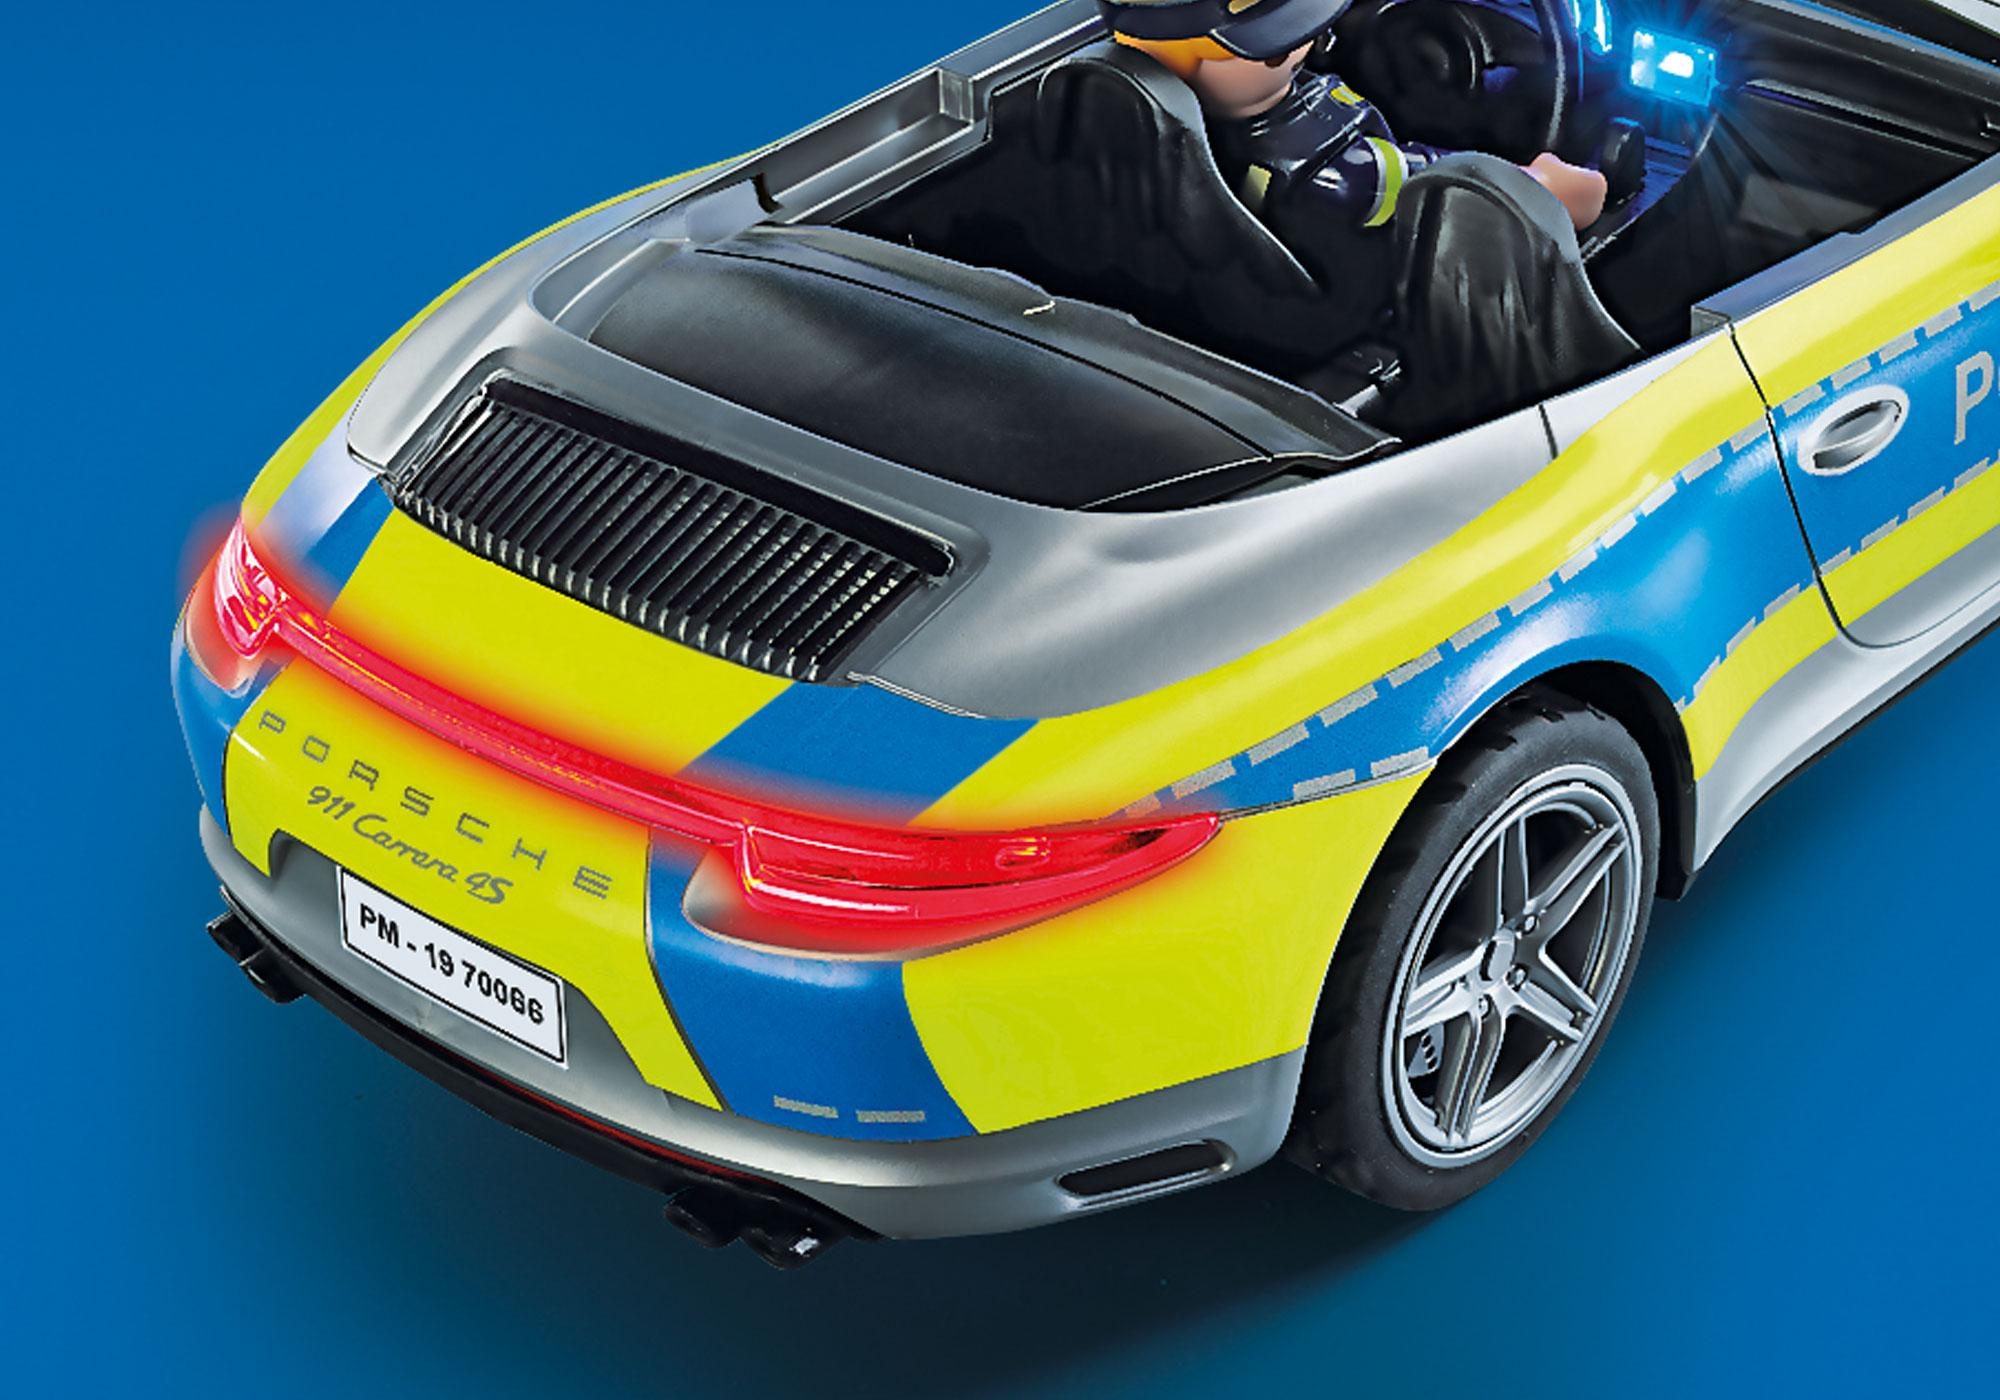 http://media.playmobil.com/i/playmobil/70066_product_extra3/Porsche 911 Carrera 4S Police